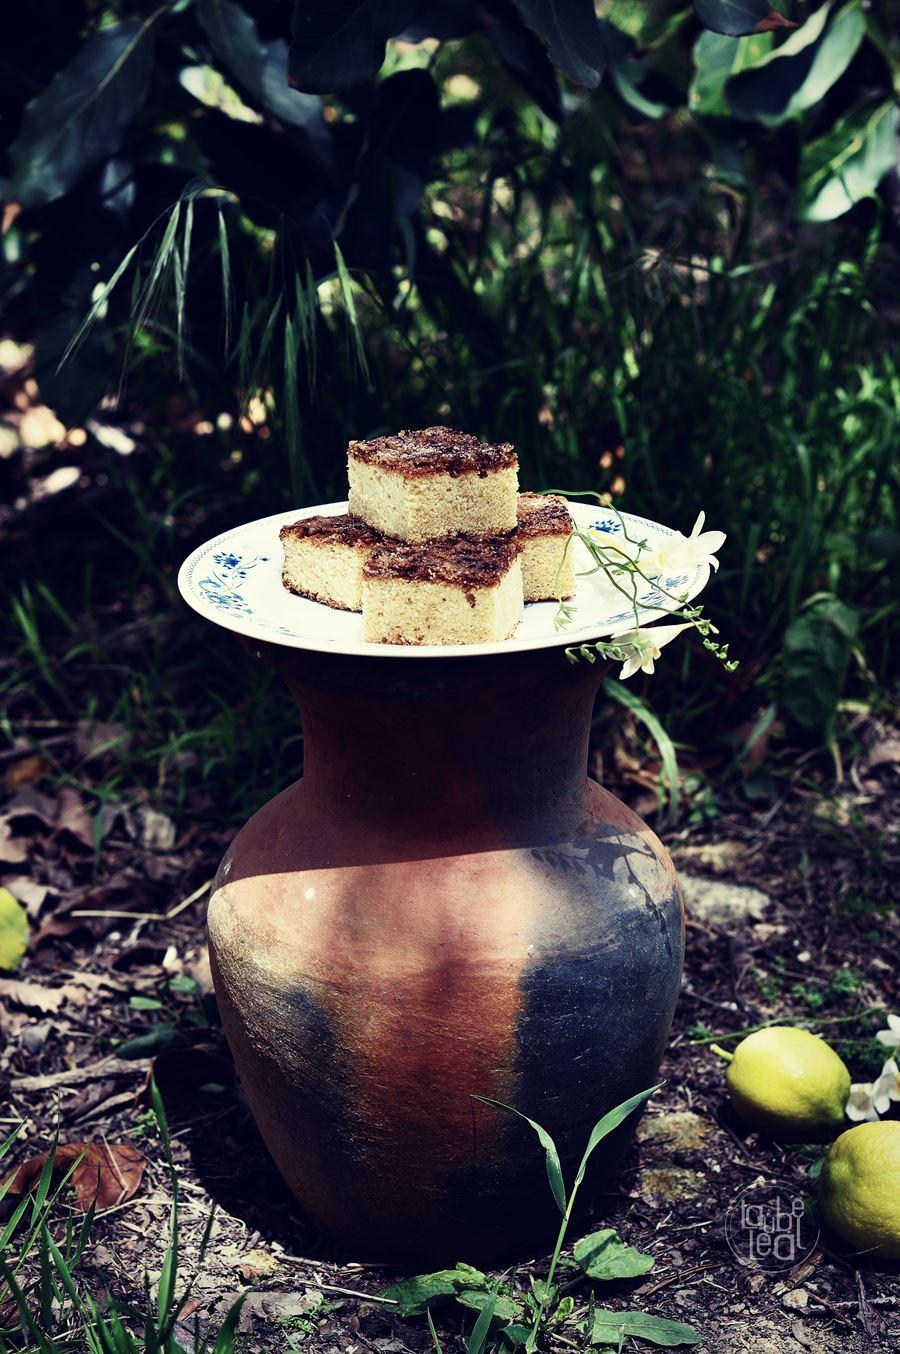 La bica mantecada es uno de los dulces estrellas de la repostería de Galicia